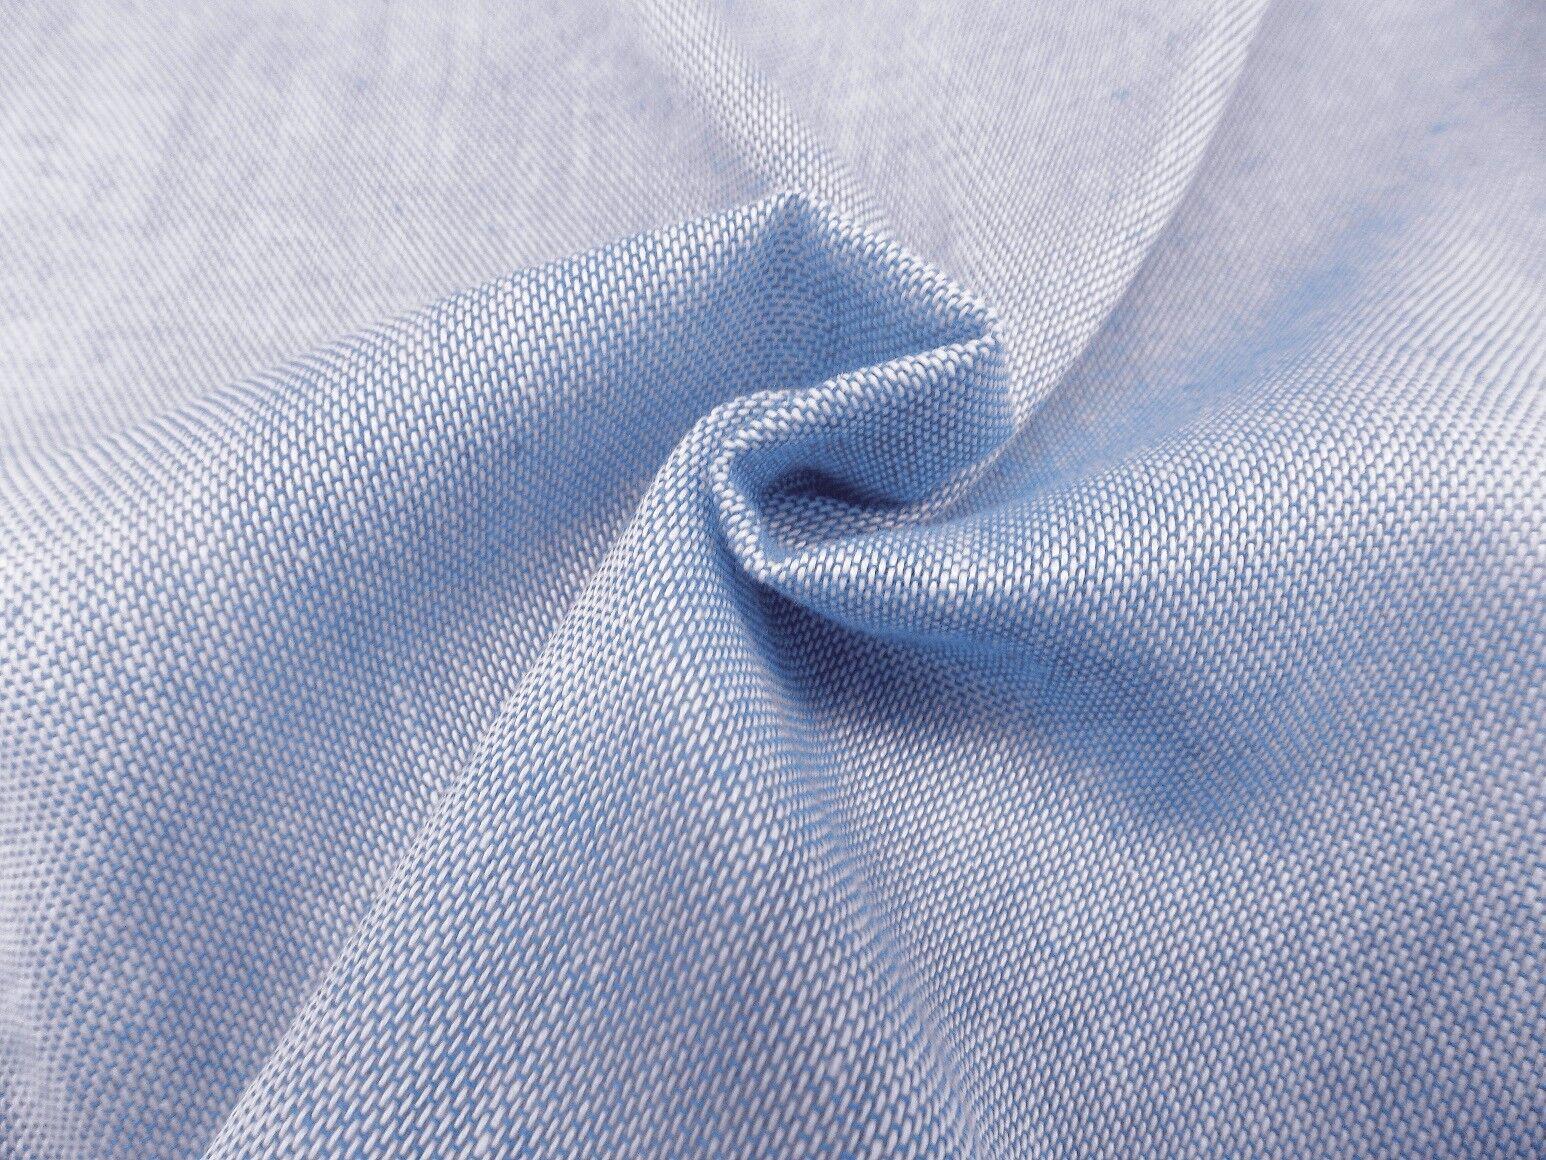 Leinenartiger Schlaufenschal   Fertigvorhang Sunday Farbe 83 blau blau blau   5 Größen | Üppiges Design  dce660